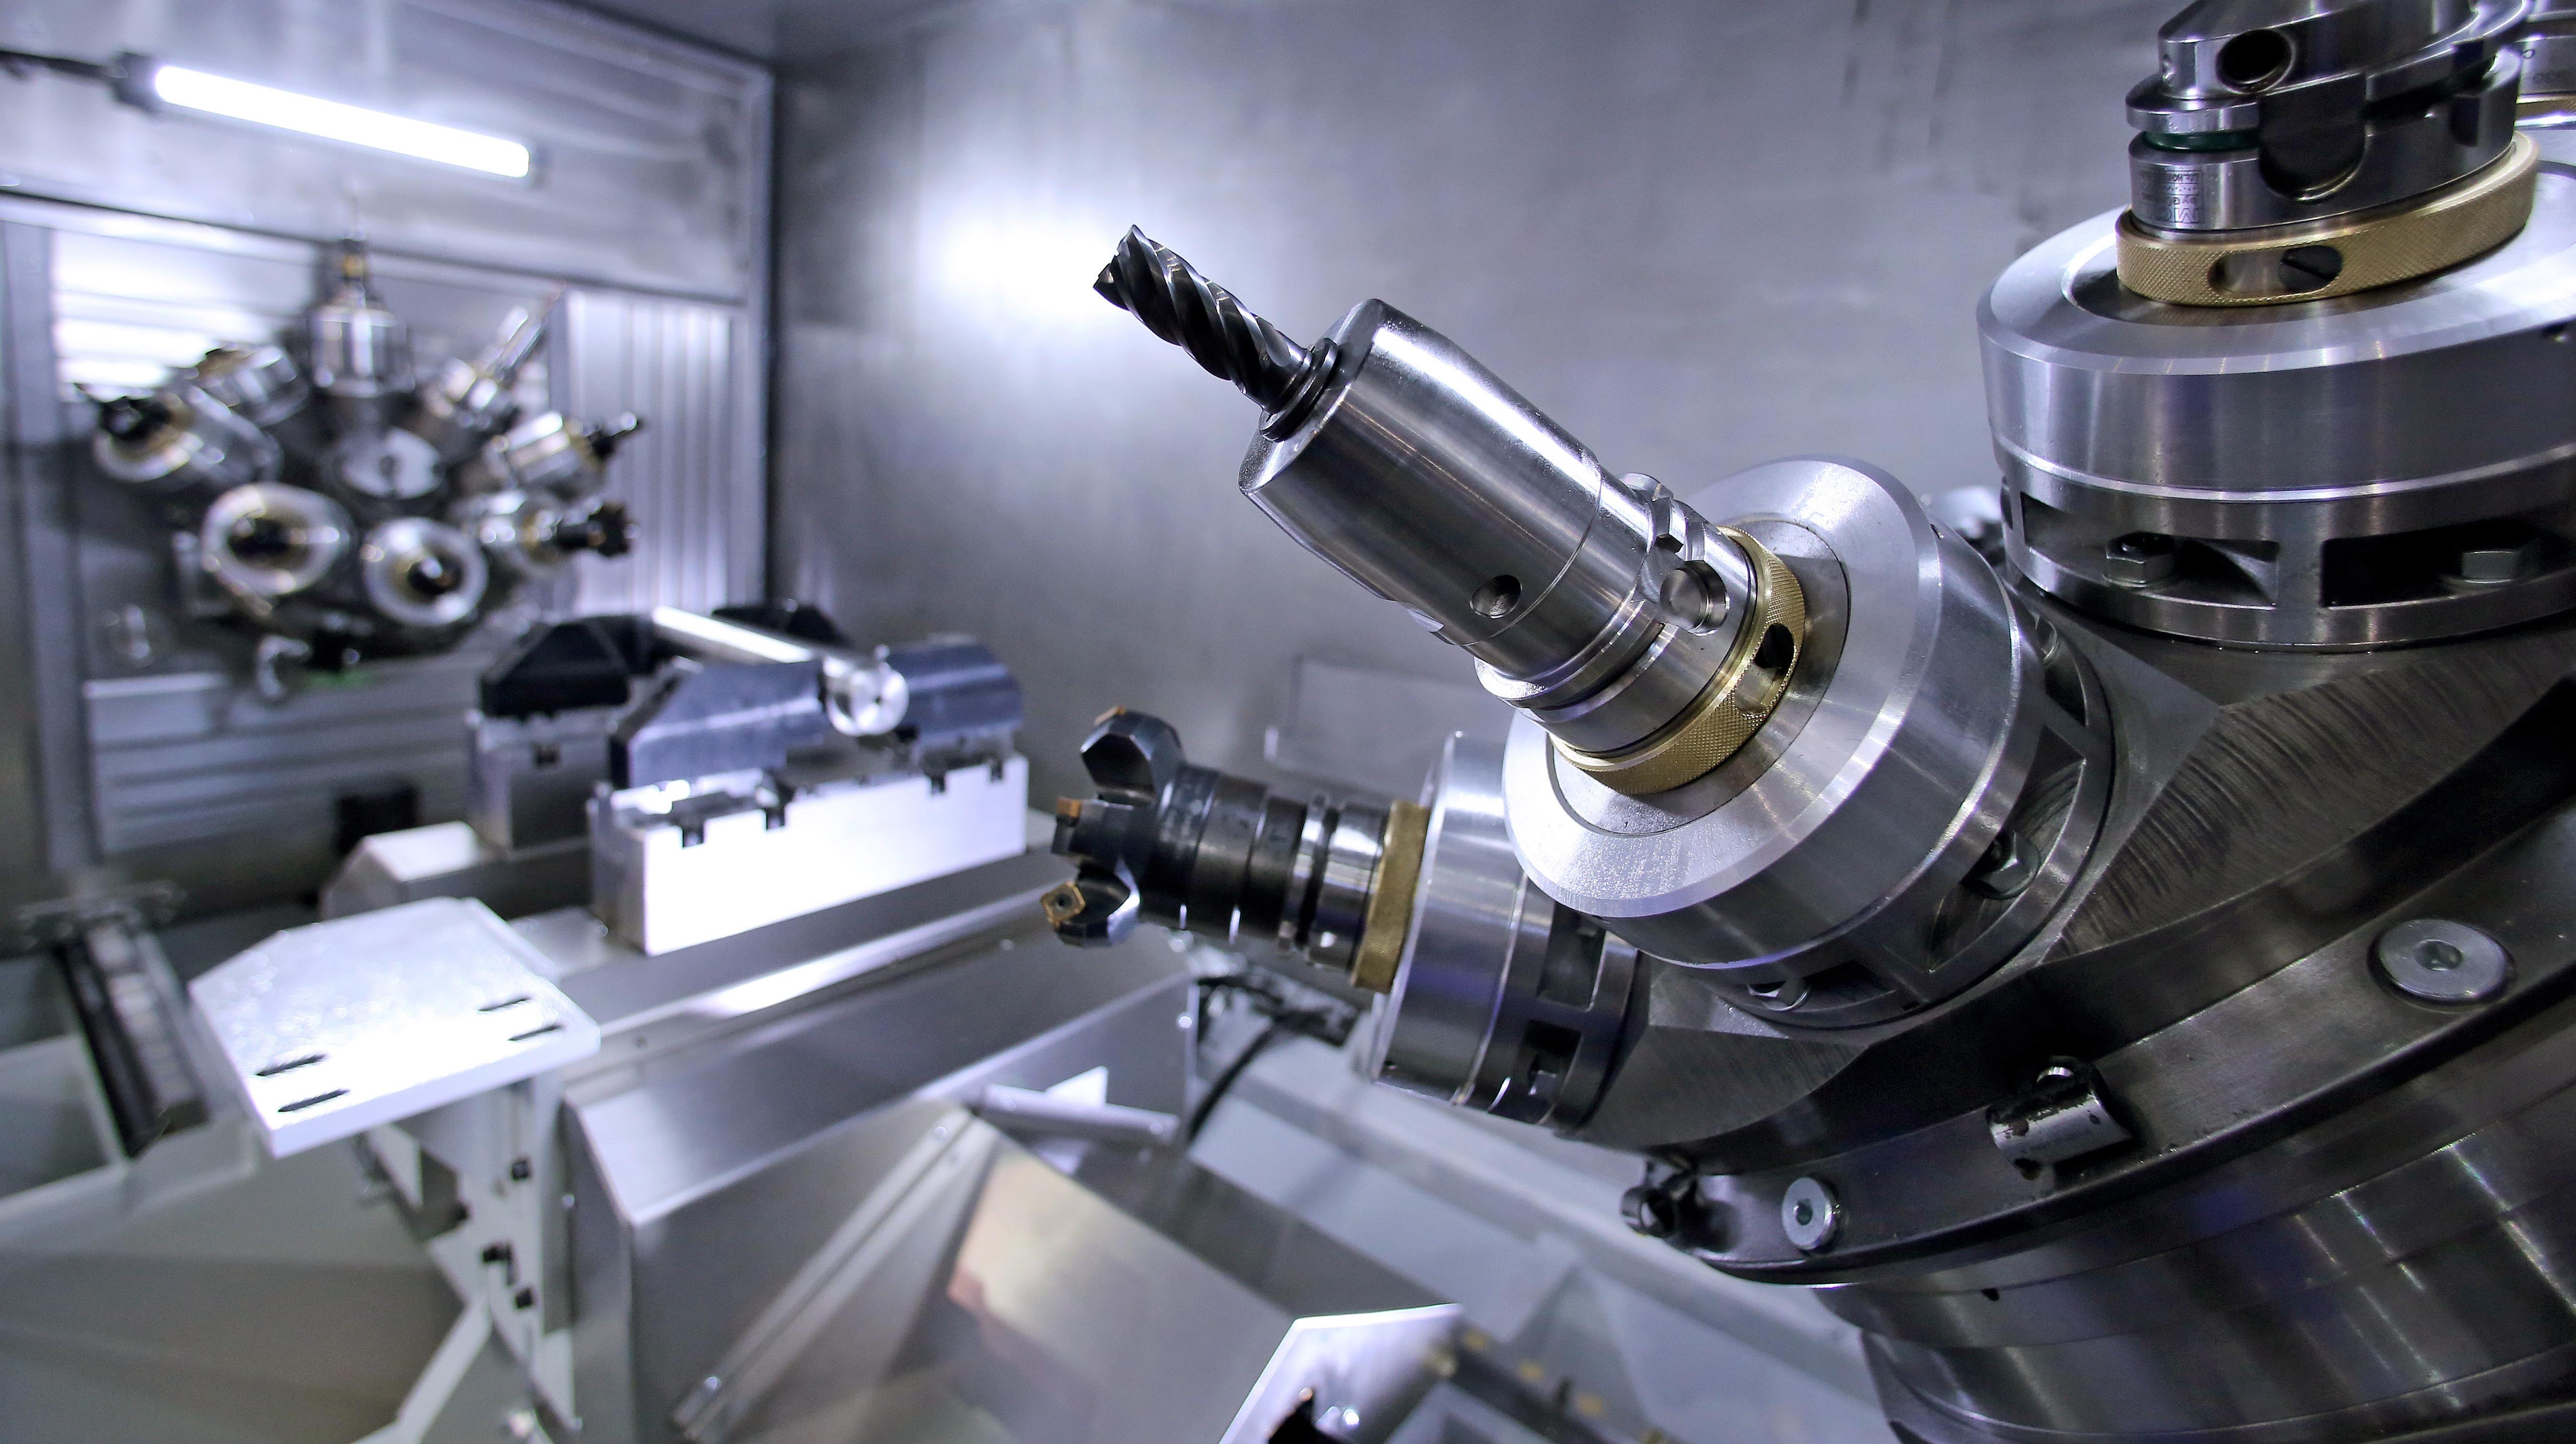 Ostdeutschlands Maschinen- und Anlagenbauer im Aufwind